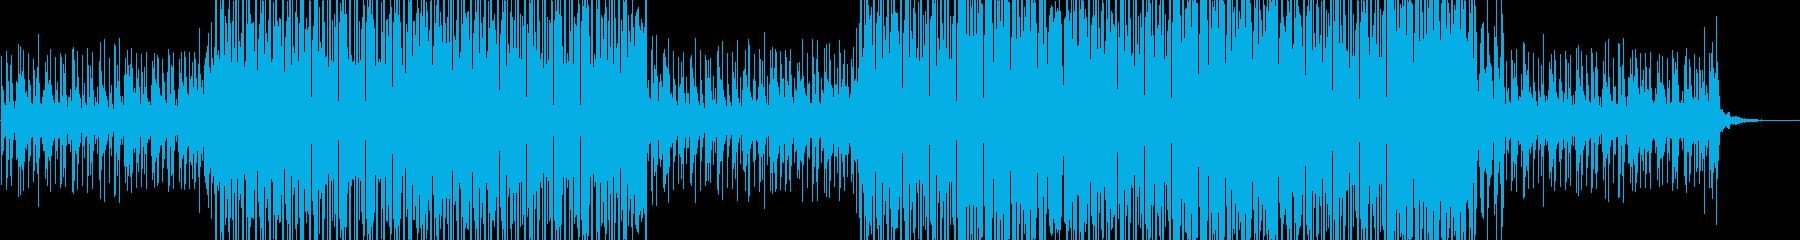 アンビエントミュージック スタイリ...の再生済みの波形